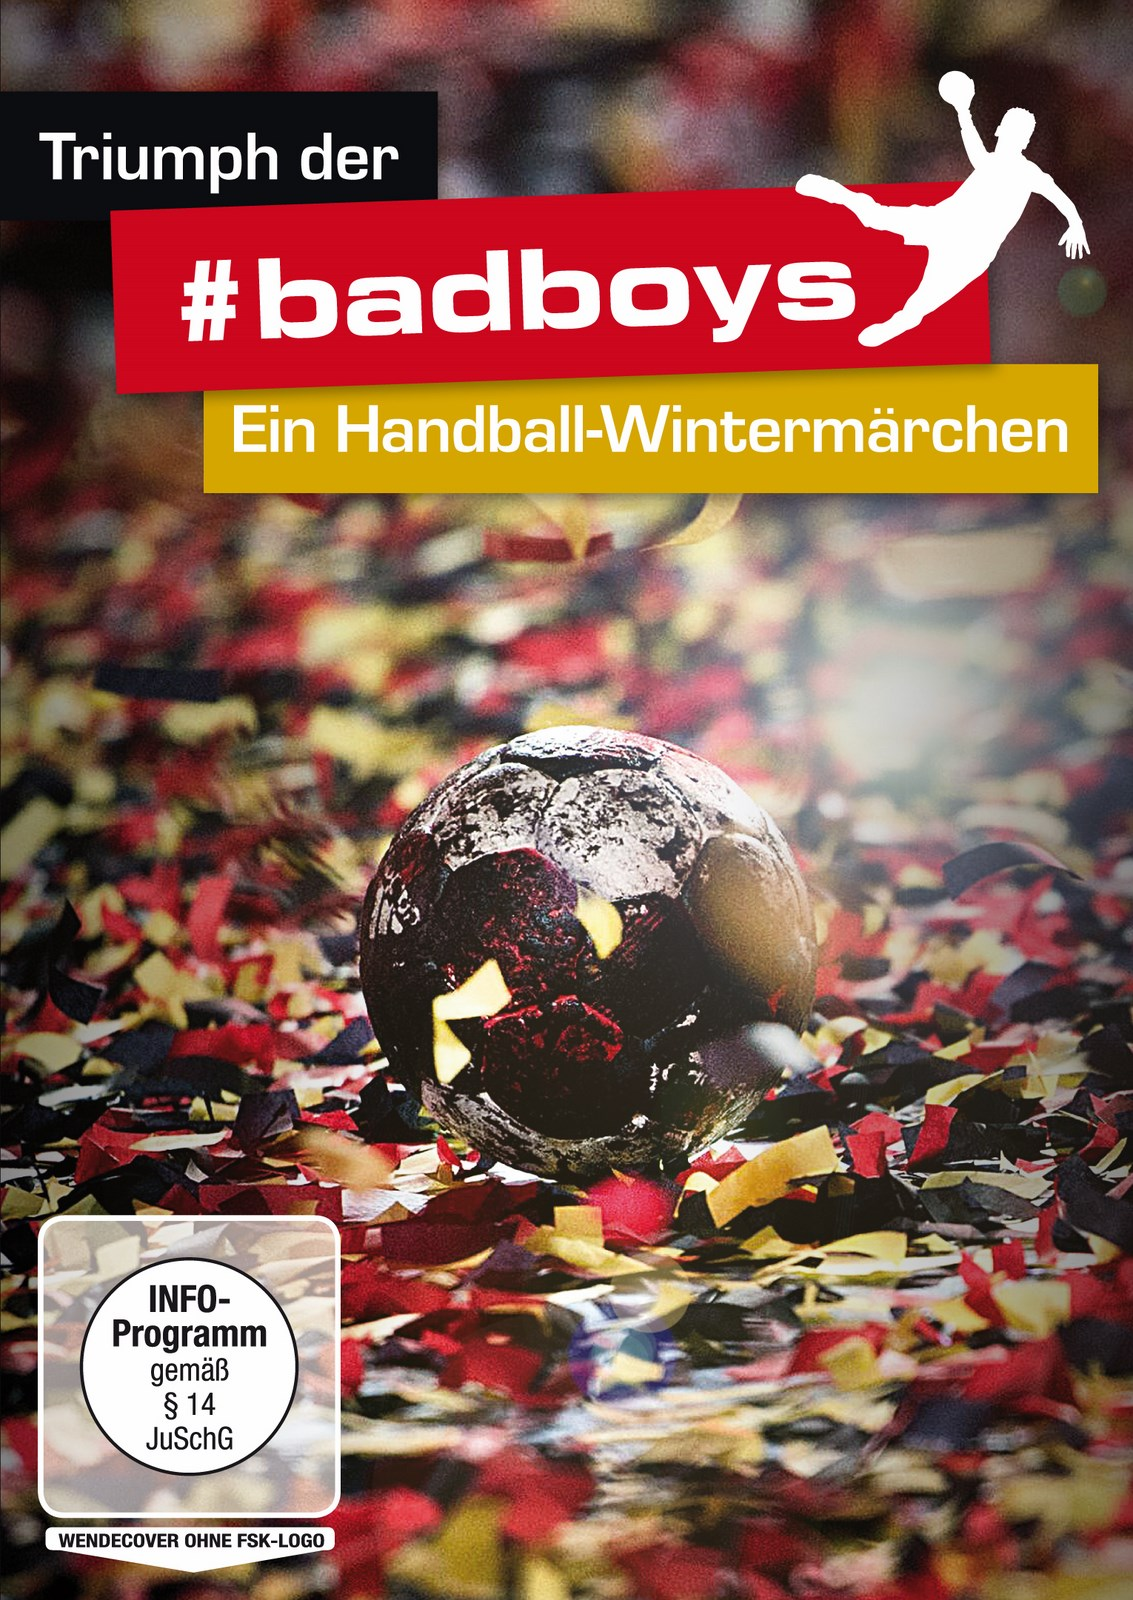 badboys handball